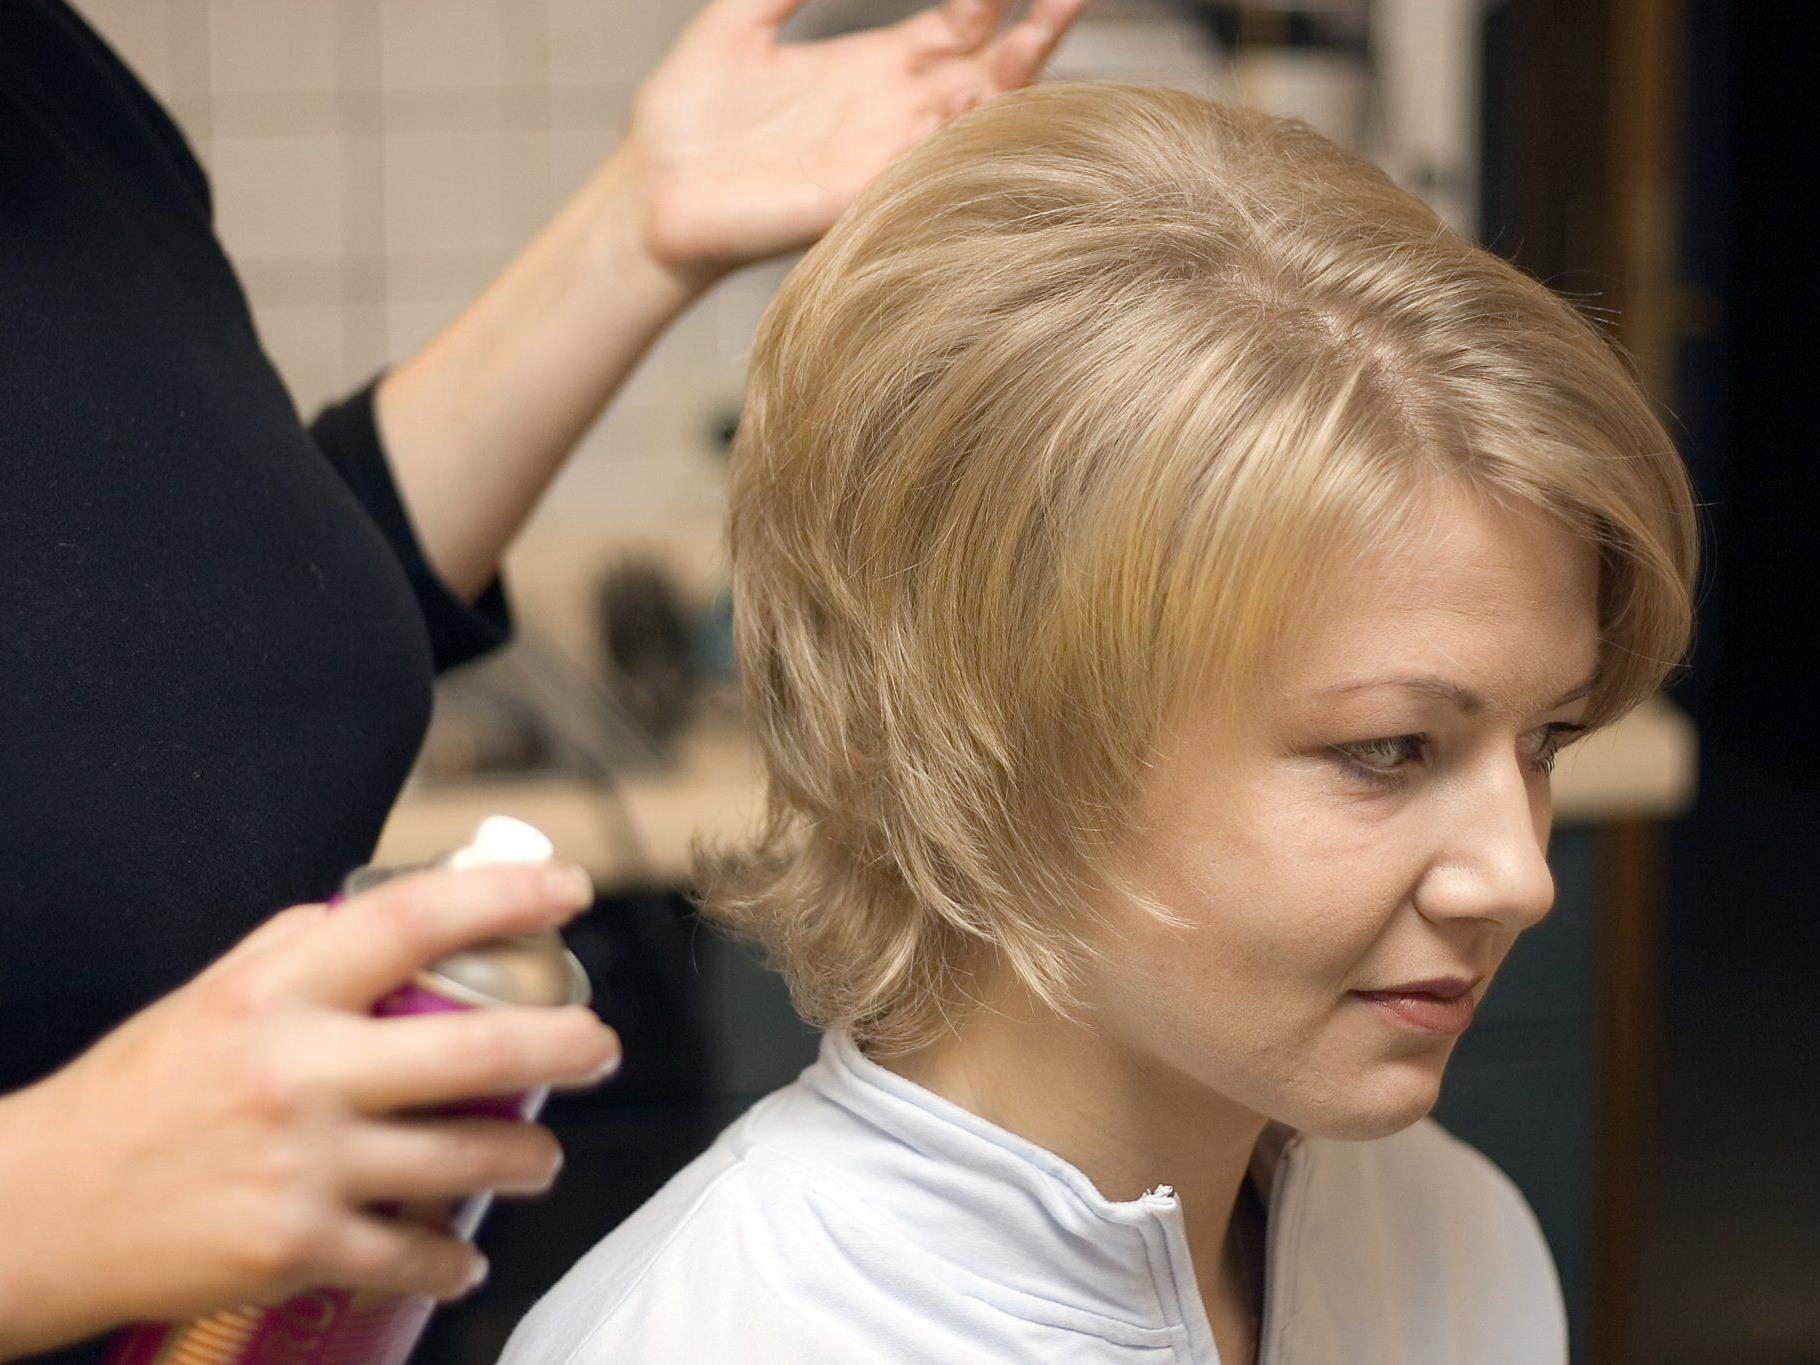 Friseure dürfen sich auf einen dicken Feiertagsbonus freuen.